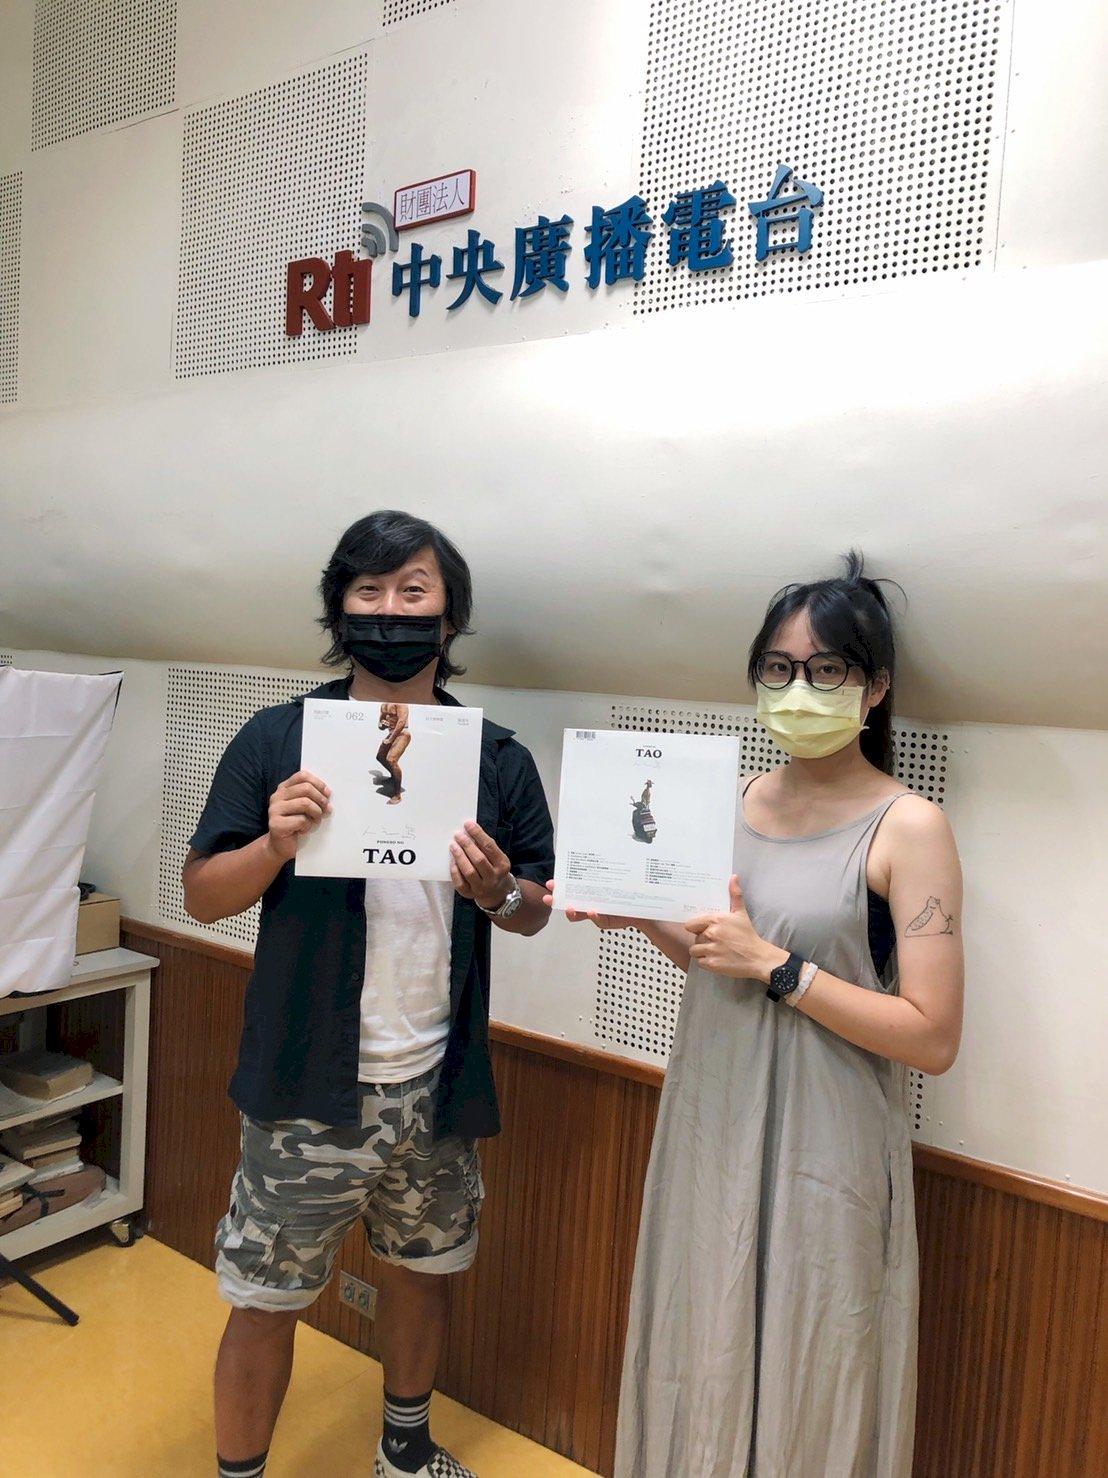 [陳建年—人之島]製作團隊虎神與郁雅專訪